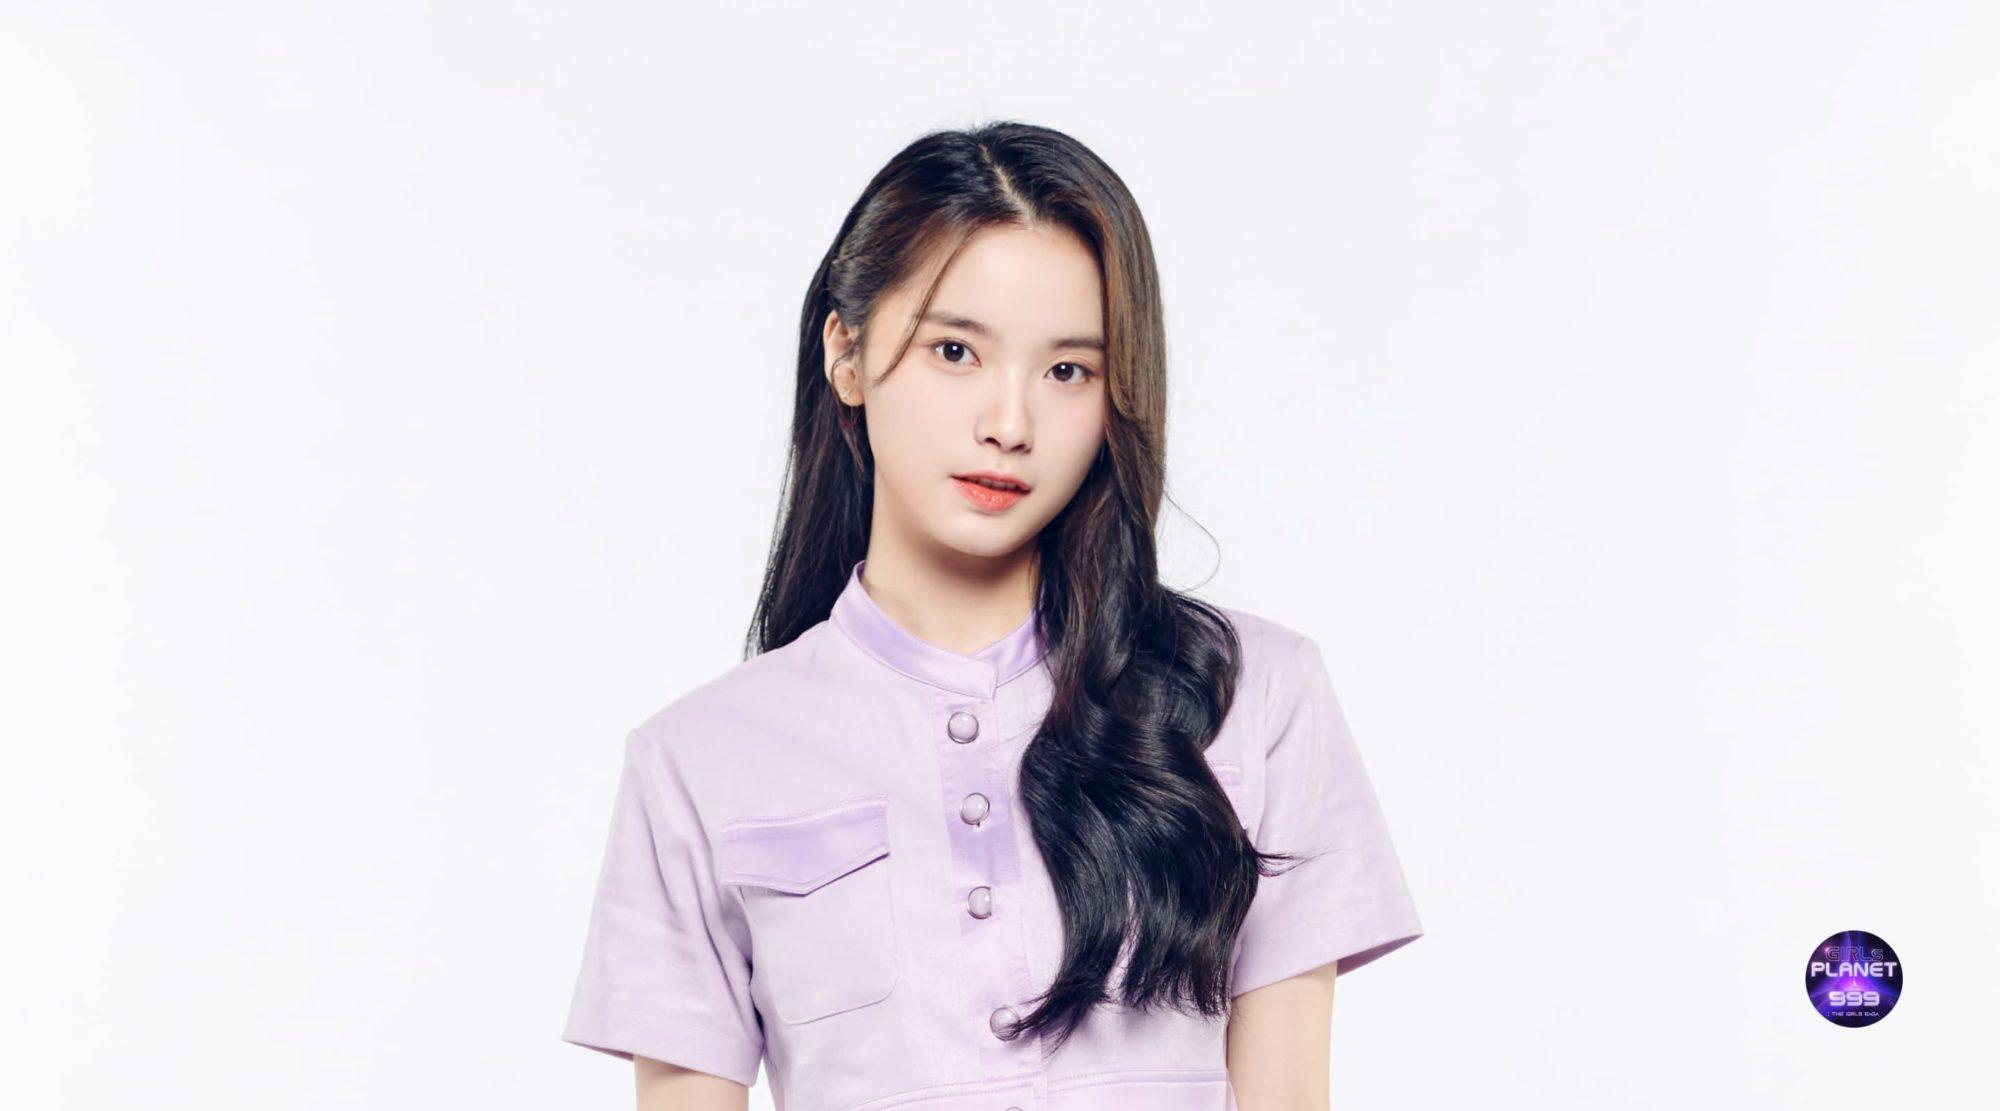 Huang Xing Qiao Girls Planet 999